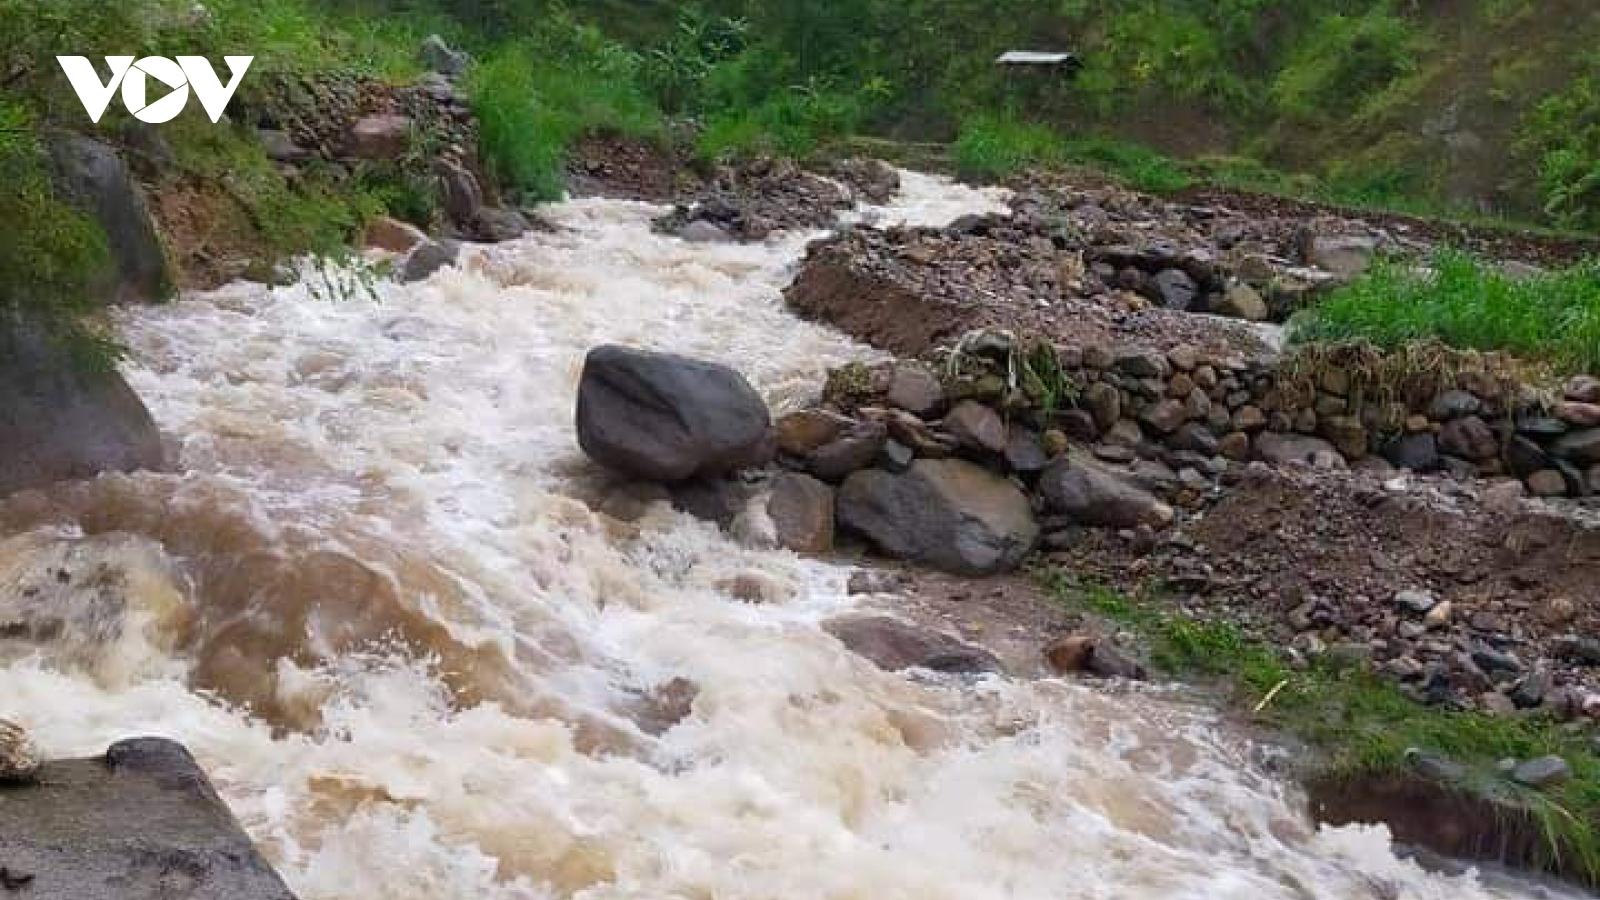 Mưa lớn gây ảnh hưởng nghiêm trọng đến tuyến đường từ Sơn La sang Yên Bái